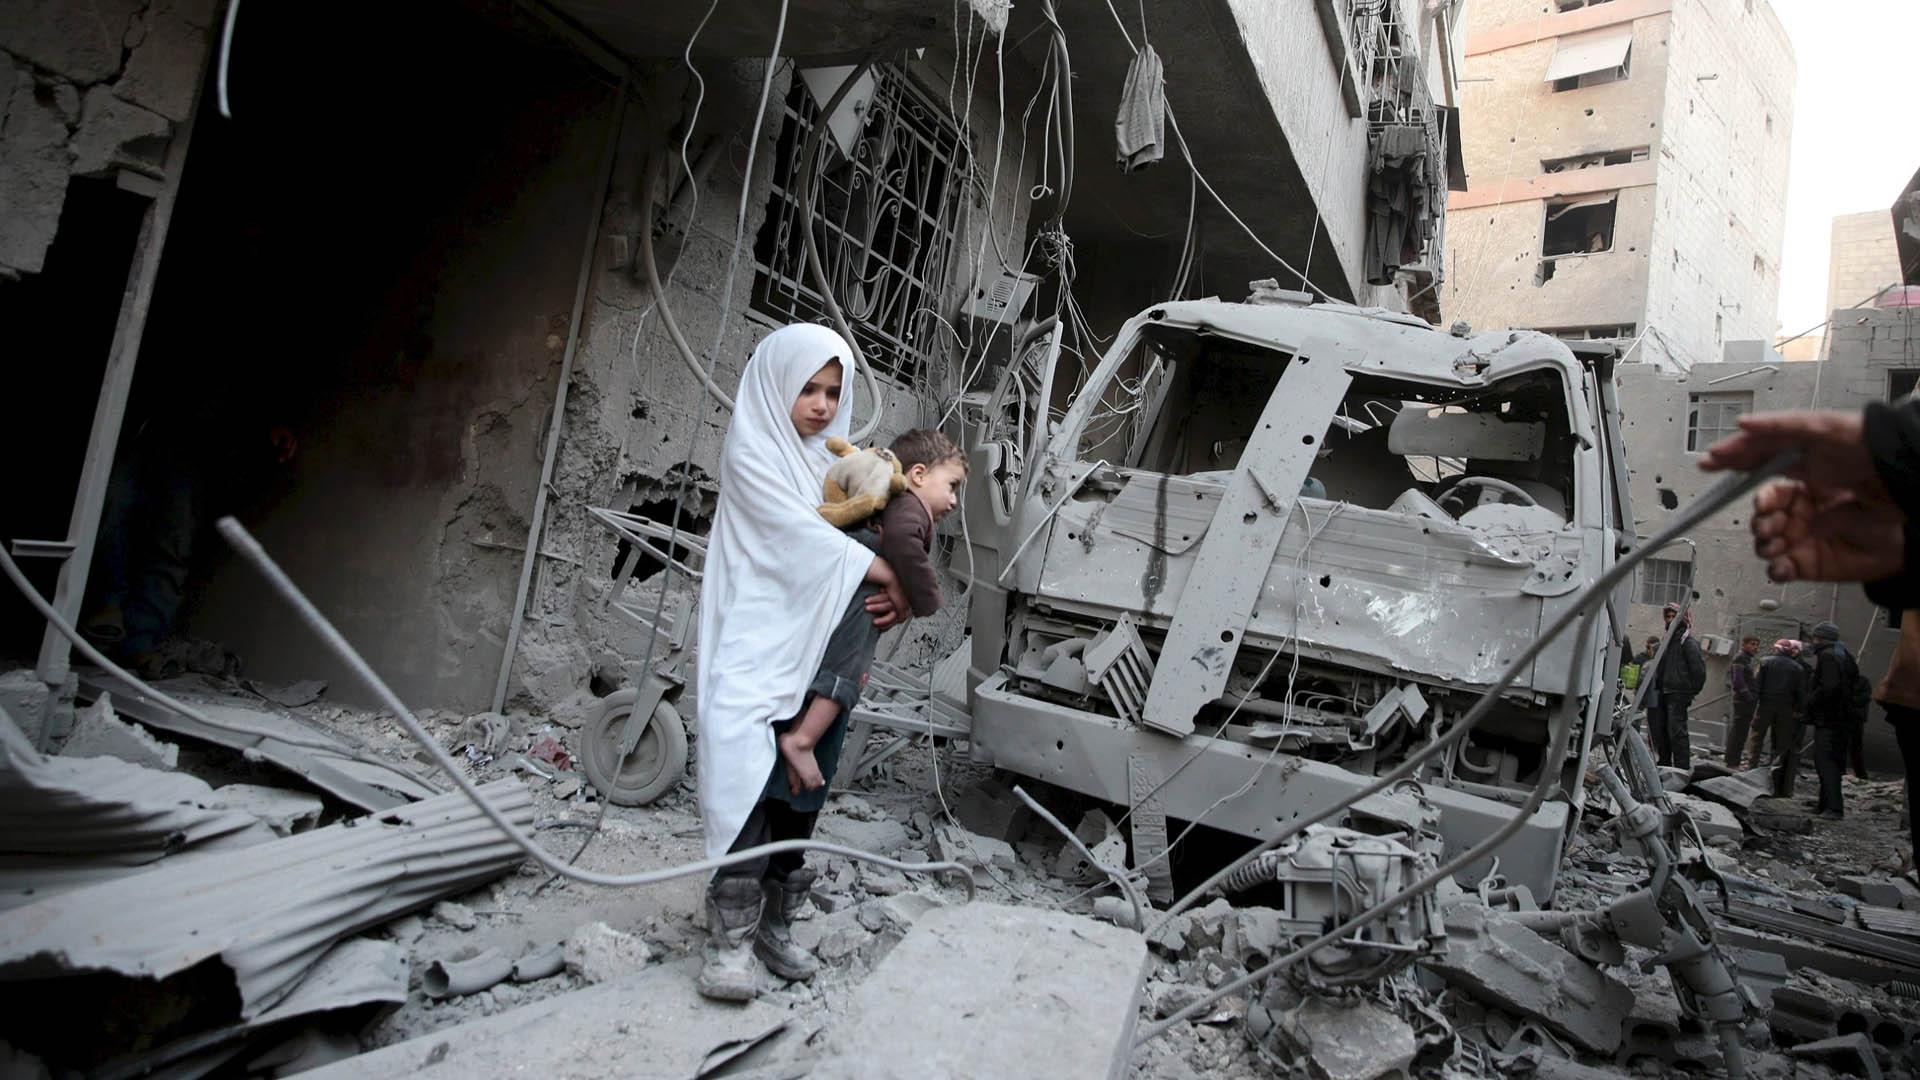 Este es el segundo ataque perpetrado en la región en menos de una semana